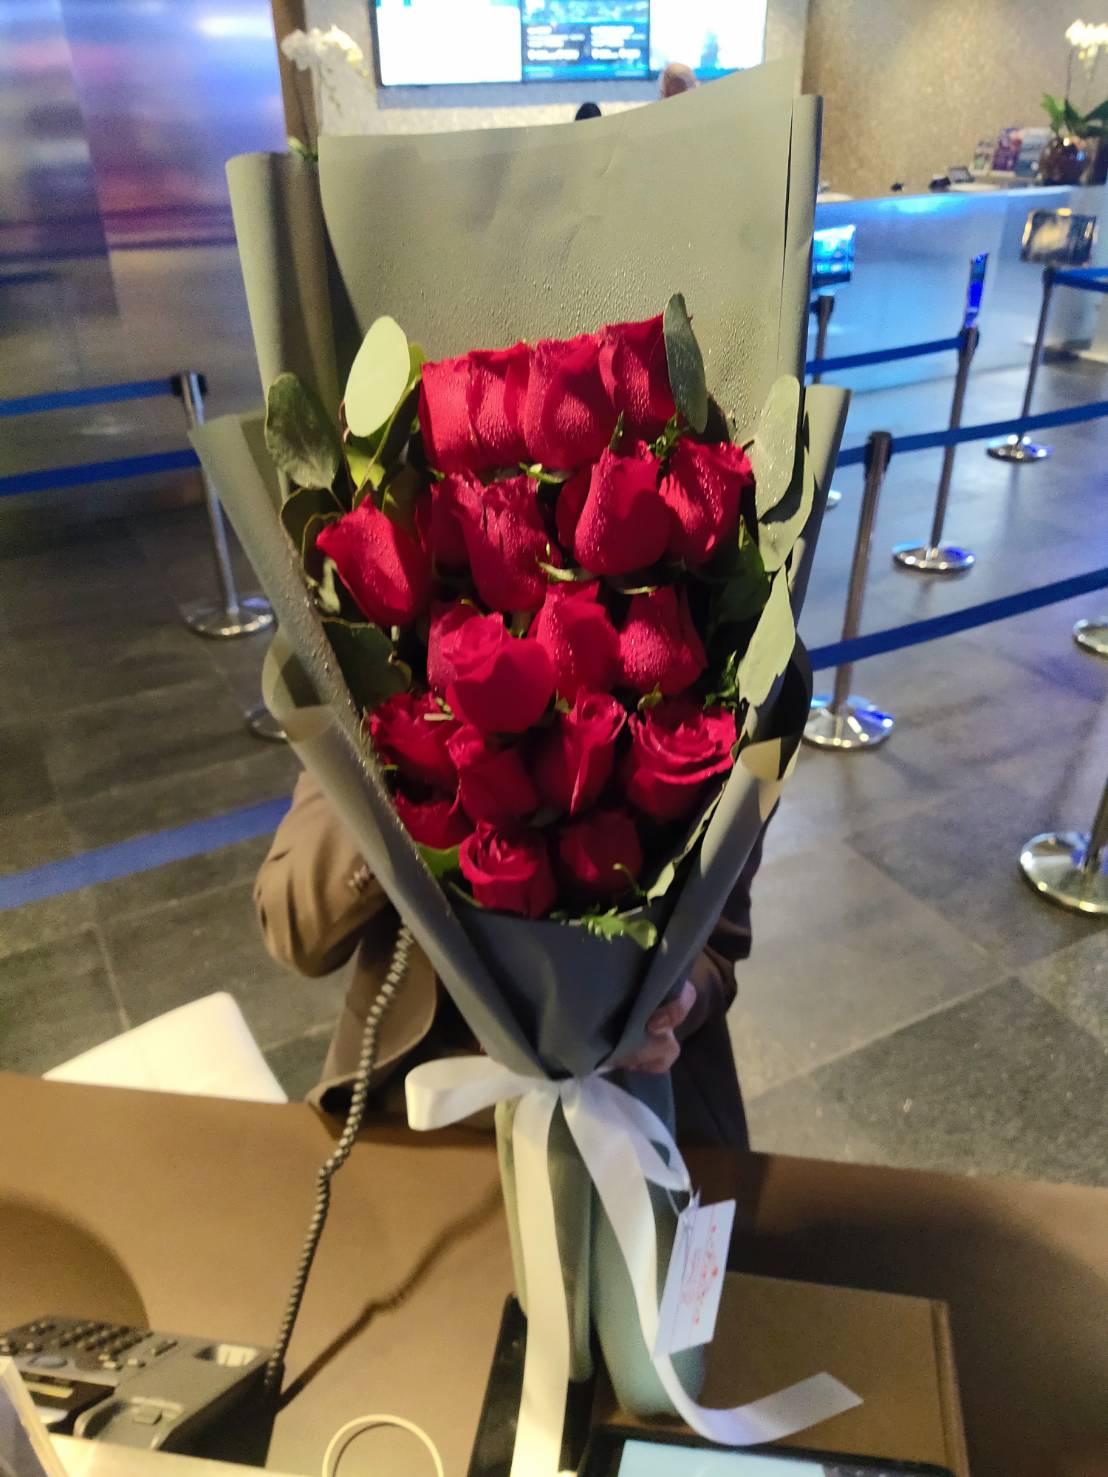 ช่อดอกไม้กุหลาบแดง 20 ดอก สื่อความหมายของความรักที่ลึกซึ้งกินใจ